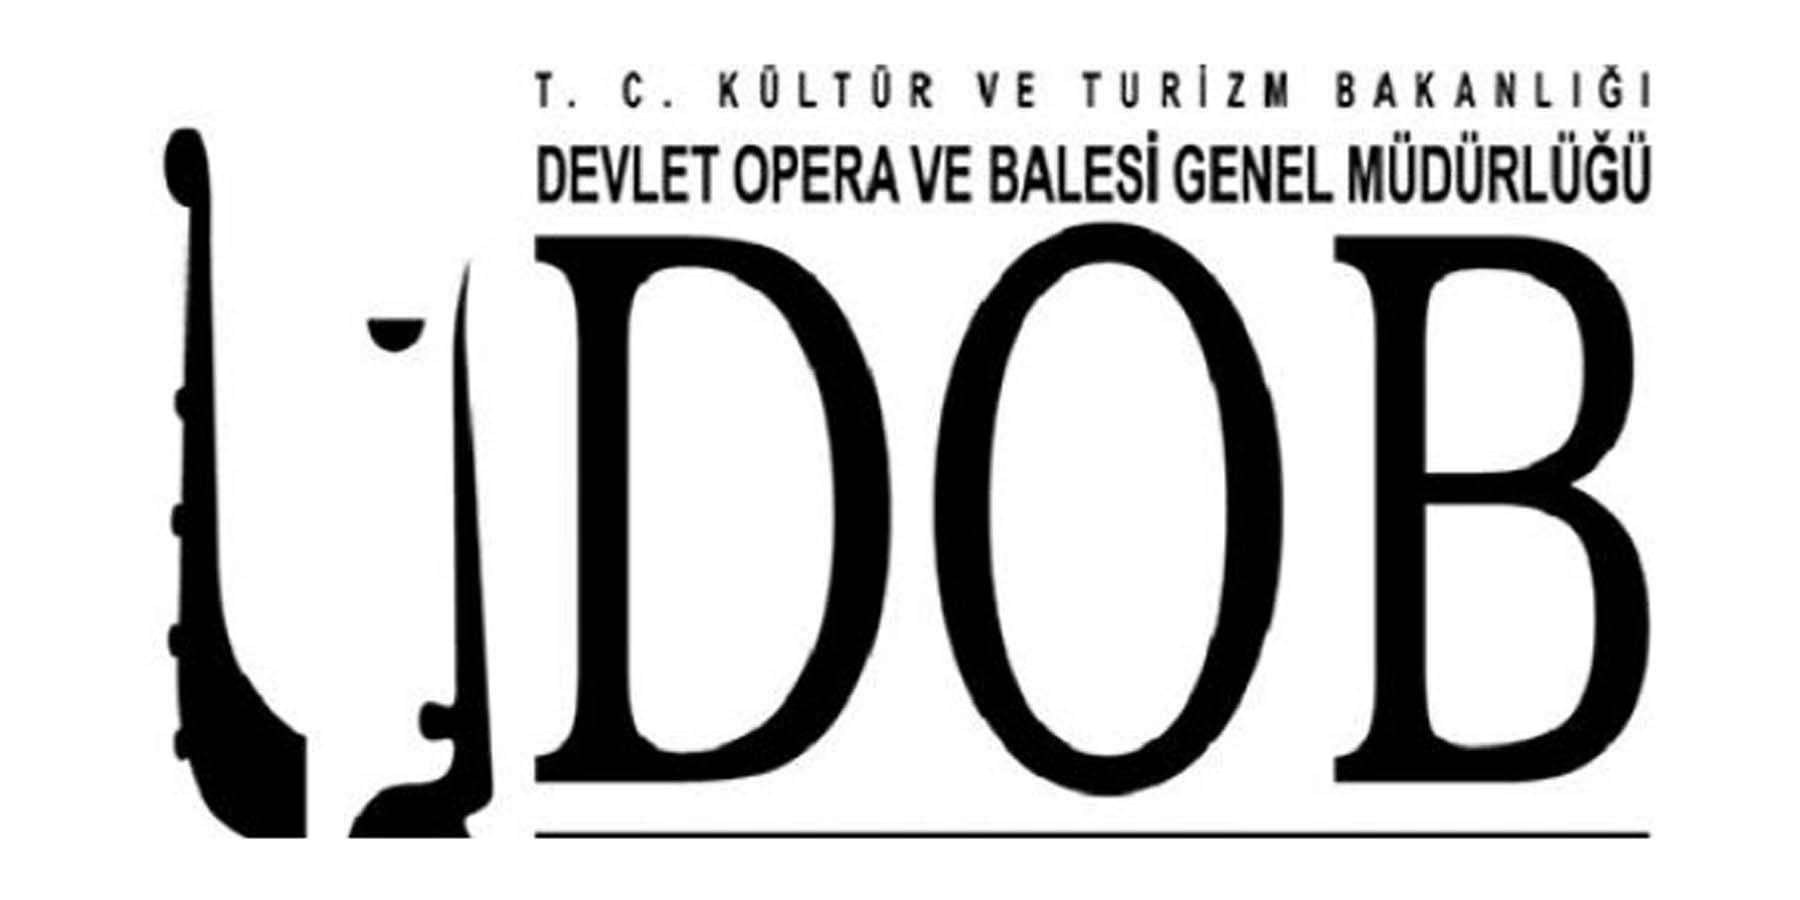 Devlet Opera ve Bale Atölye Personeli Alacak